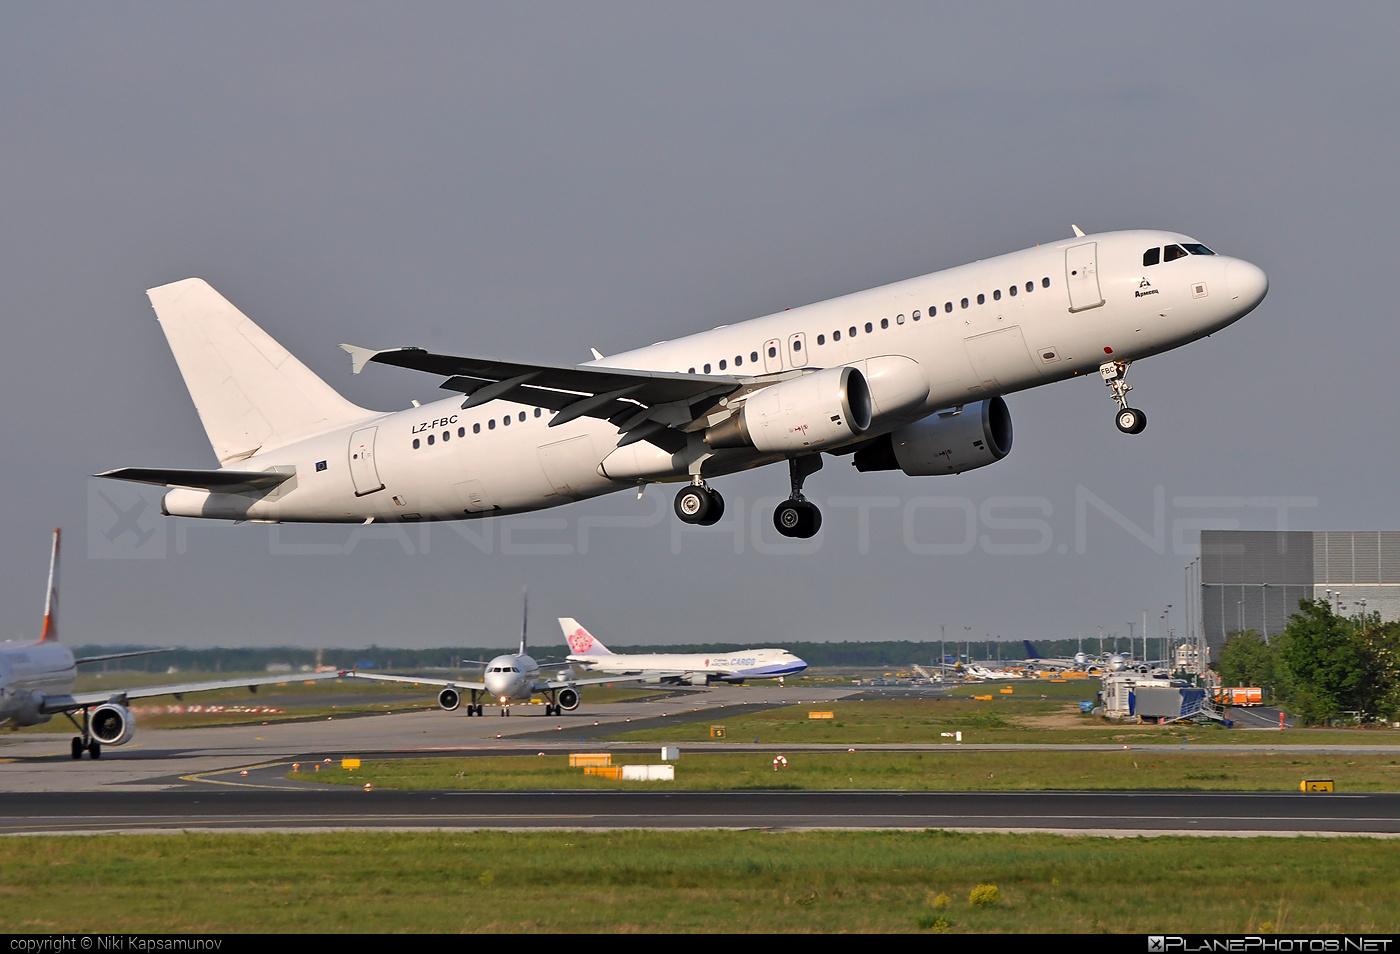 Airbus A320-214 - LZ-FBC operated by Bulgaria Air #a320 #a320family #airbus #airbus320 #bulgariaair